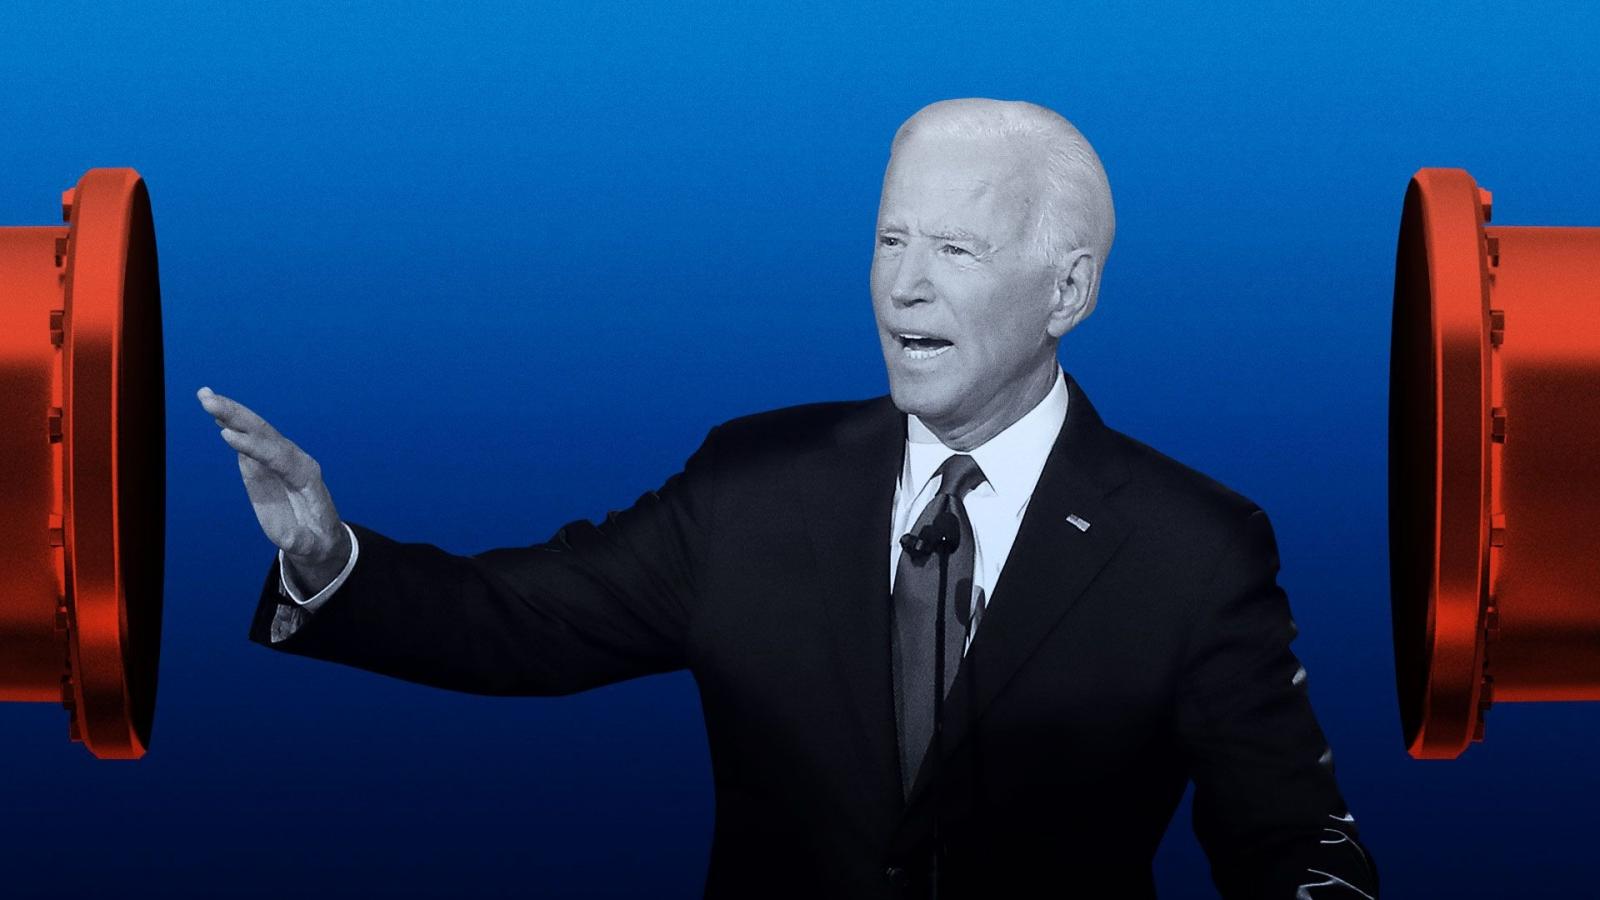 Đồng minh lo ông Biden nói không đi đôi với làm liên quan đến Dòng chảy phương Bắc 2